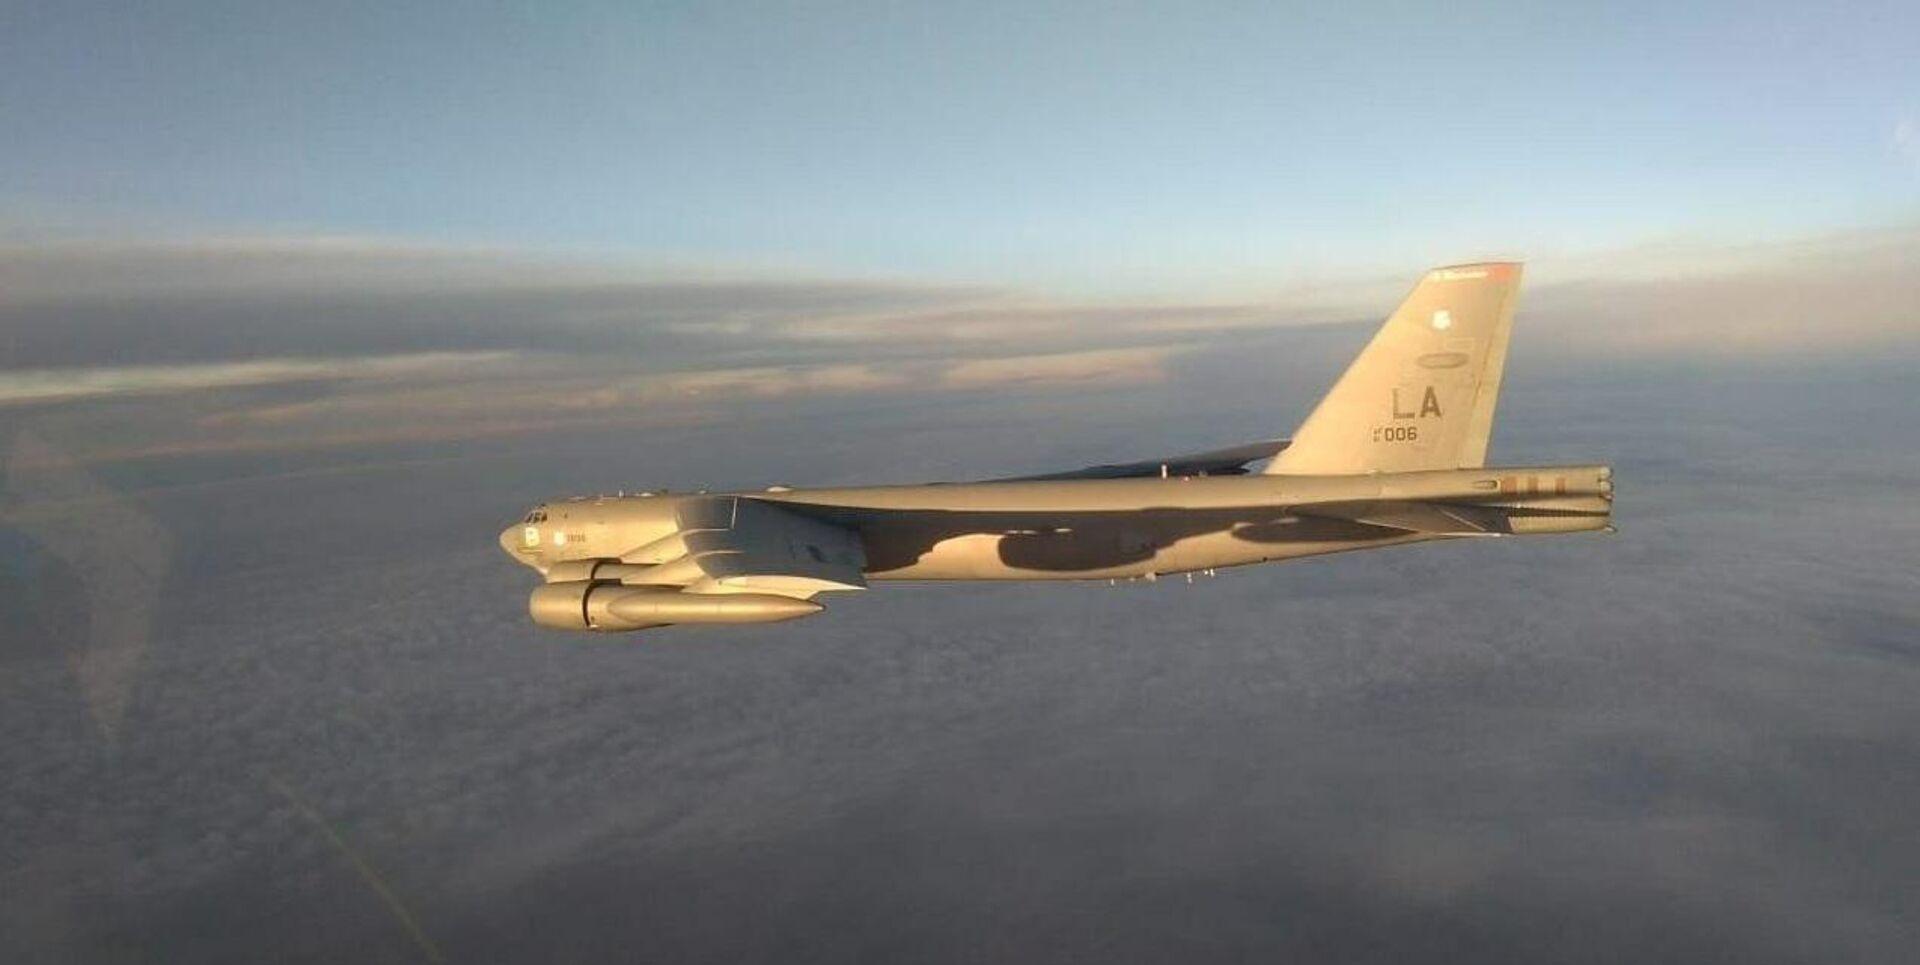 Три истребителя Су-35с сопроводили стратегический бомбардировщик В-52Н ВВС США, который приближался к границам РФ в Тихом океане - Sputnik Italia, 1920, 26.09.2021